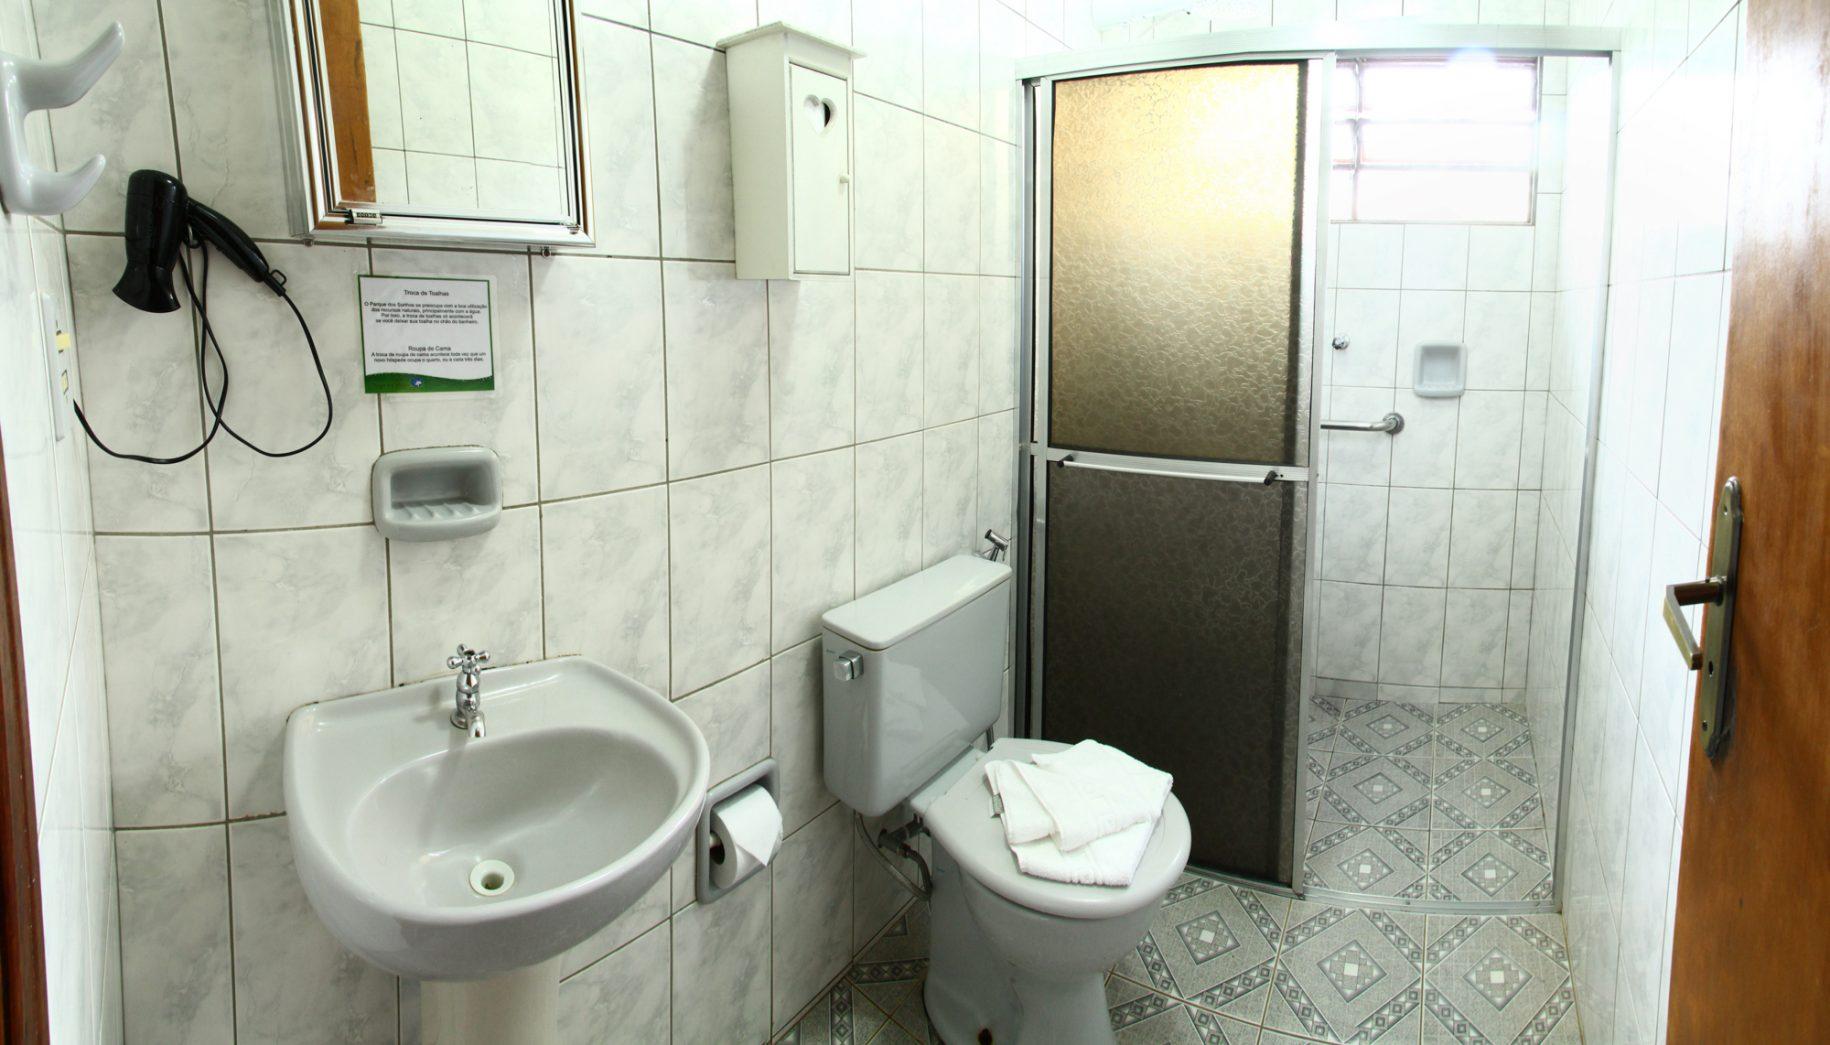 Banheiro do apartamento no hotel fazenda parque dos sonhos todo adaptado com barras de segurança